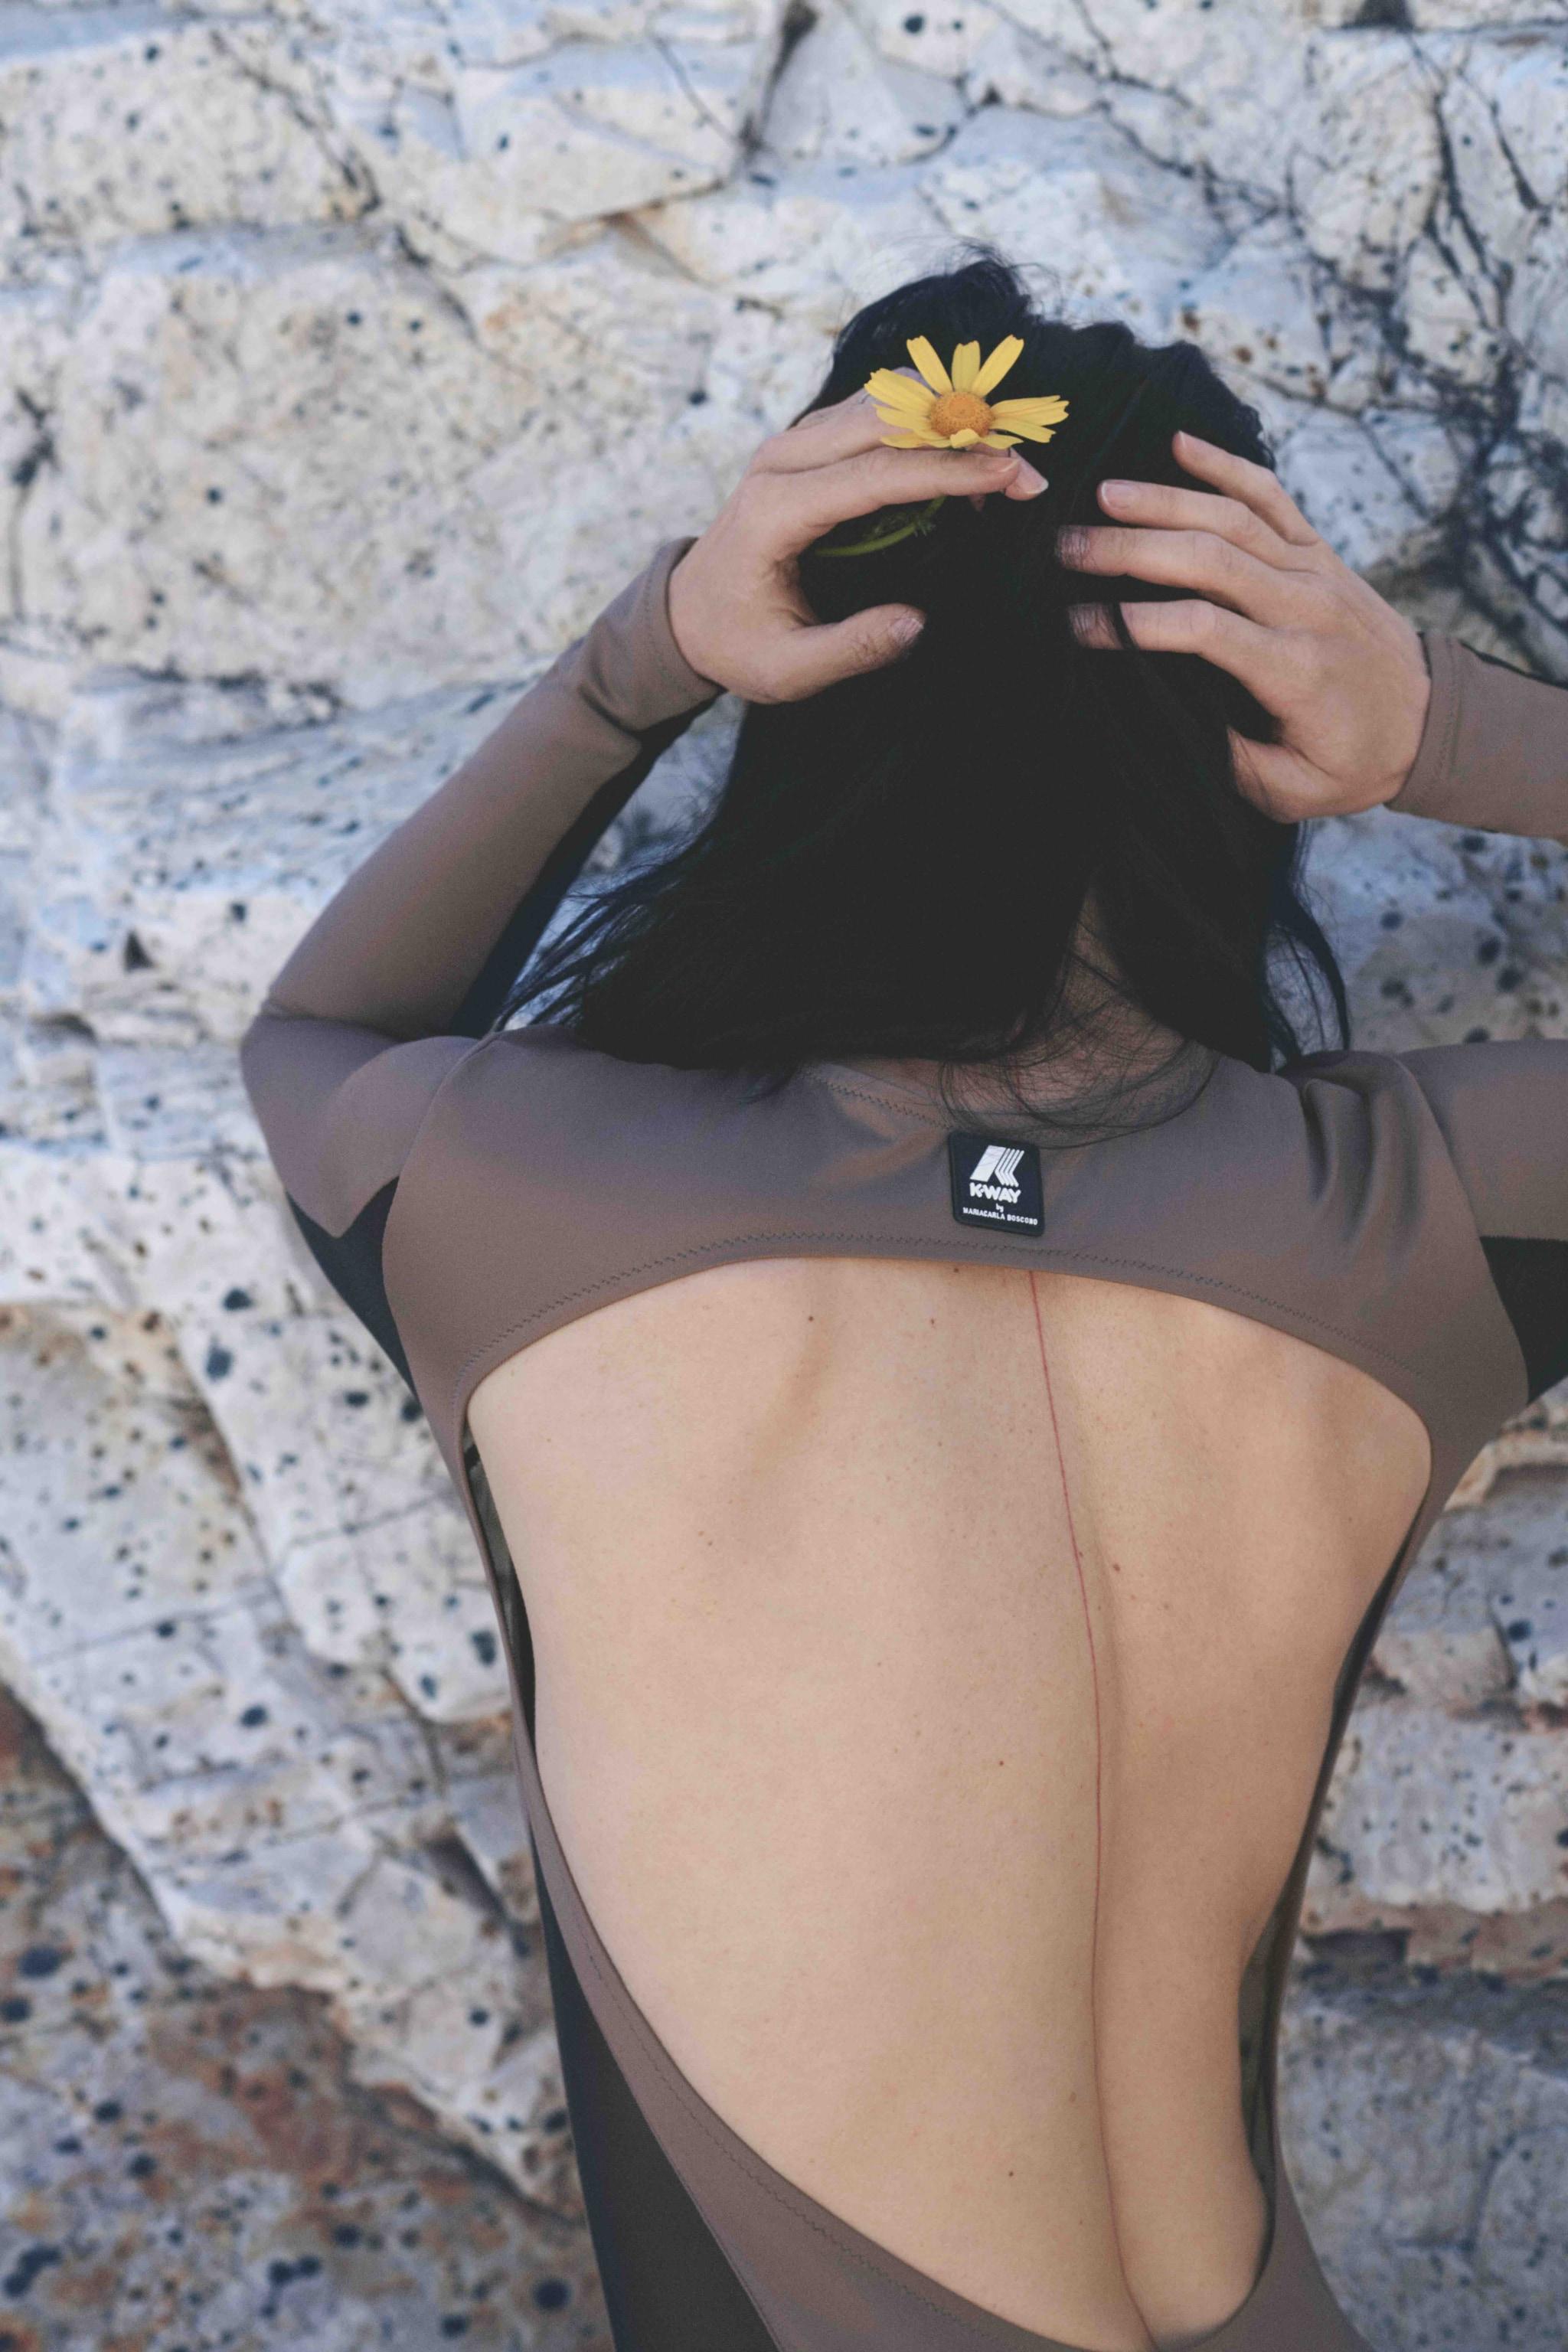 K-WAY by MARIA CARLA BOSCONO Body in tecno-tessuto ecosostenibile con filo di Nylon rigenerato ECONYL®, garantisce recovery eccezionale e corretta compressione muscolare che rallenta la formazione dell'acido lattico, favorendo un recupero più rapido della condizione fisica (160 €).